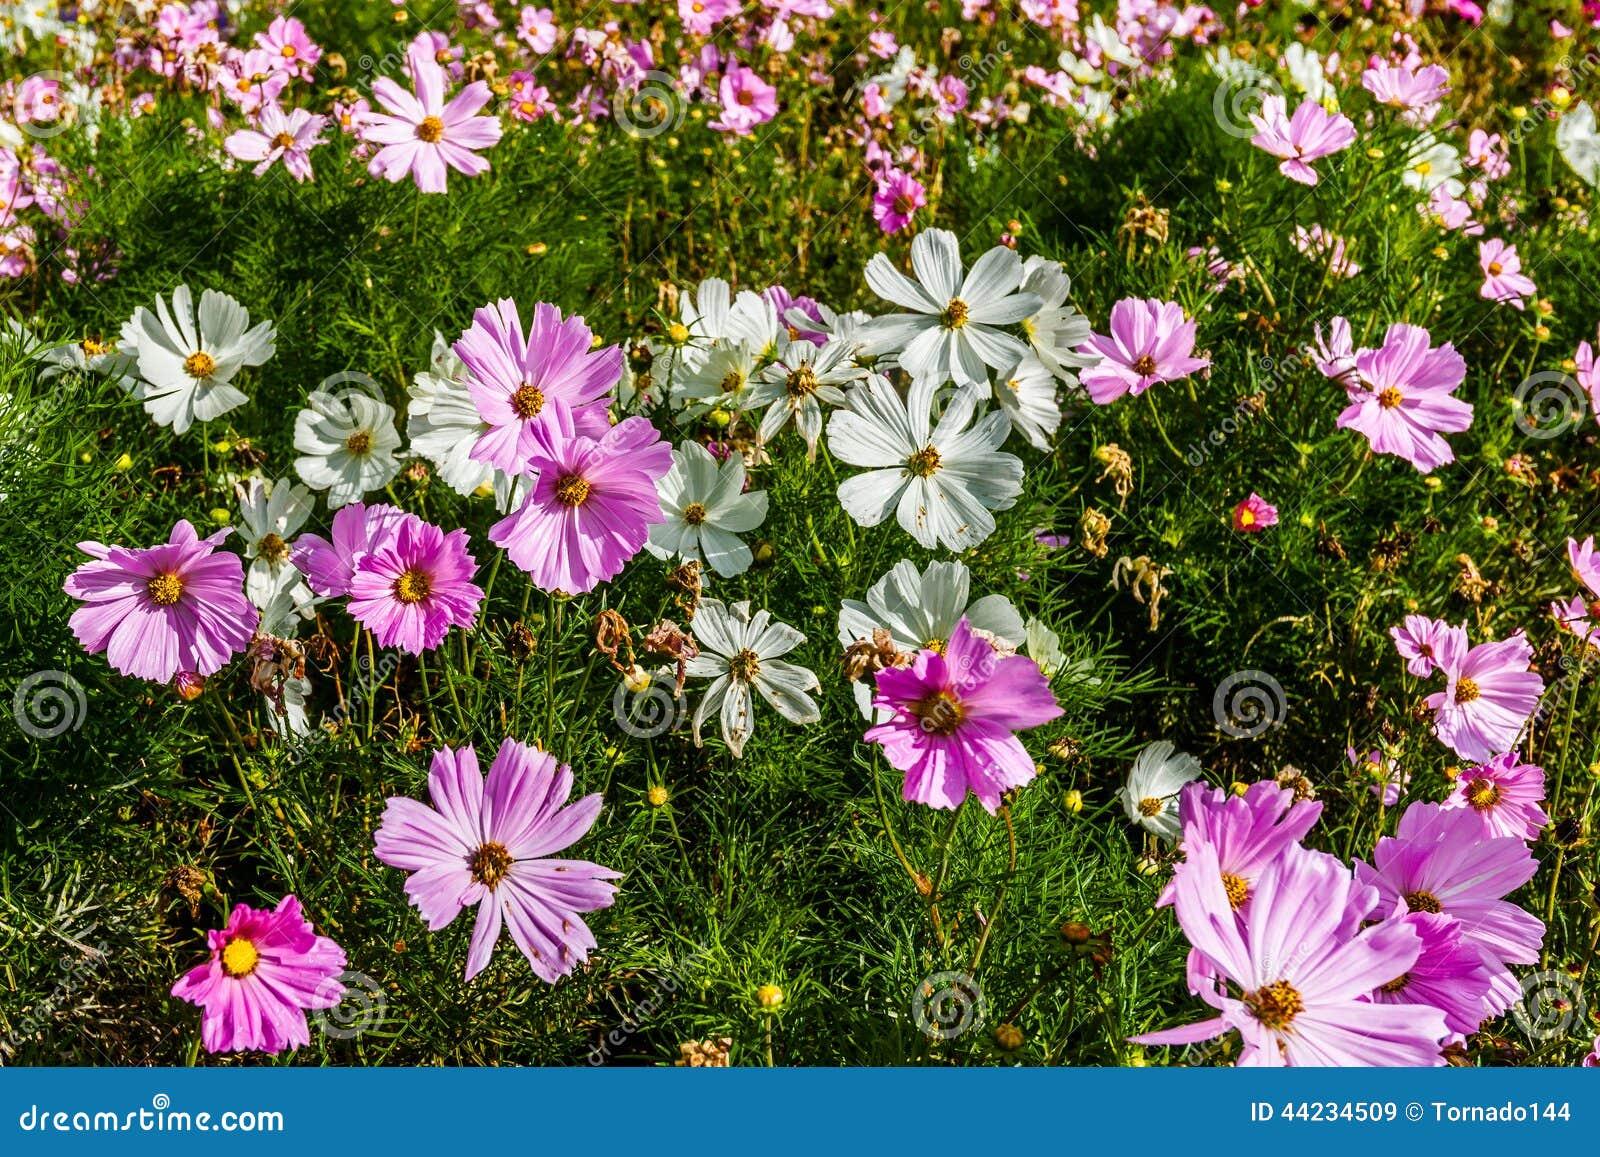 Fiori Di Cosmea Immagine Stock Immagine Di Viola Bellezza 44234509